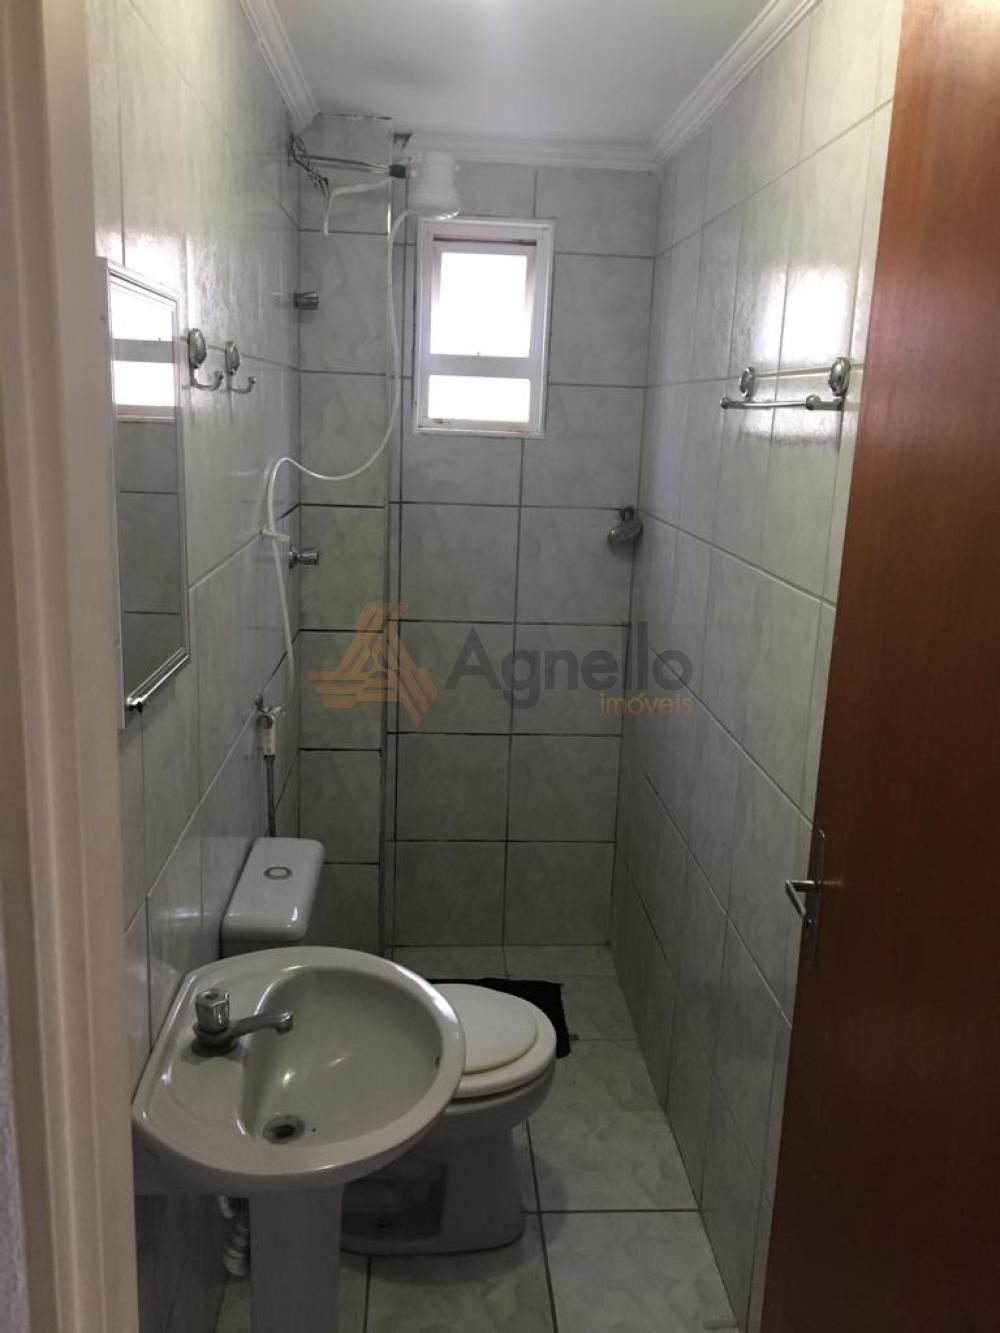 Comprar Apartamento / Padrão em Franca apenas R$ 90.000,00 - Foto 4